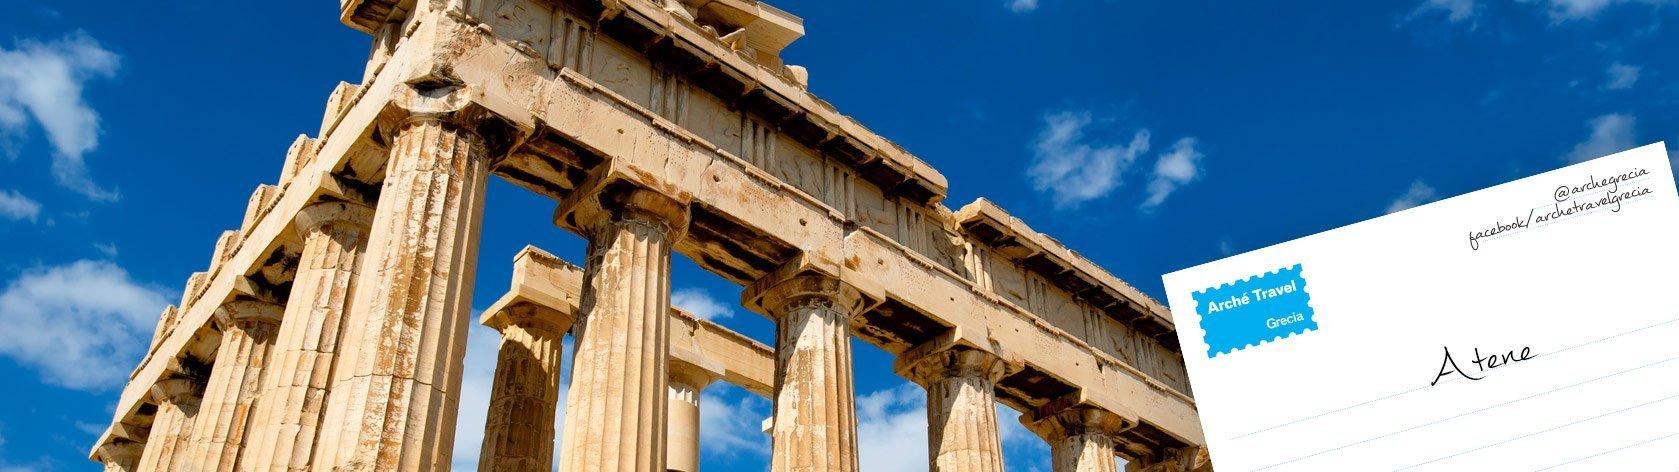 Tour Atene Grecia - Arché Travel Grecia